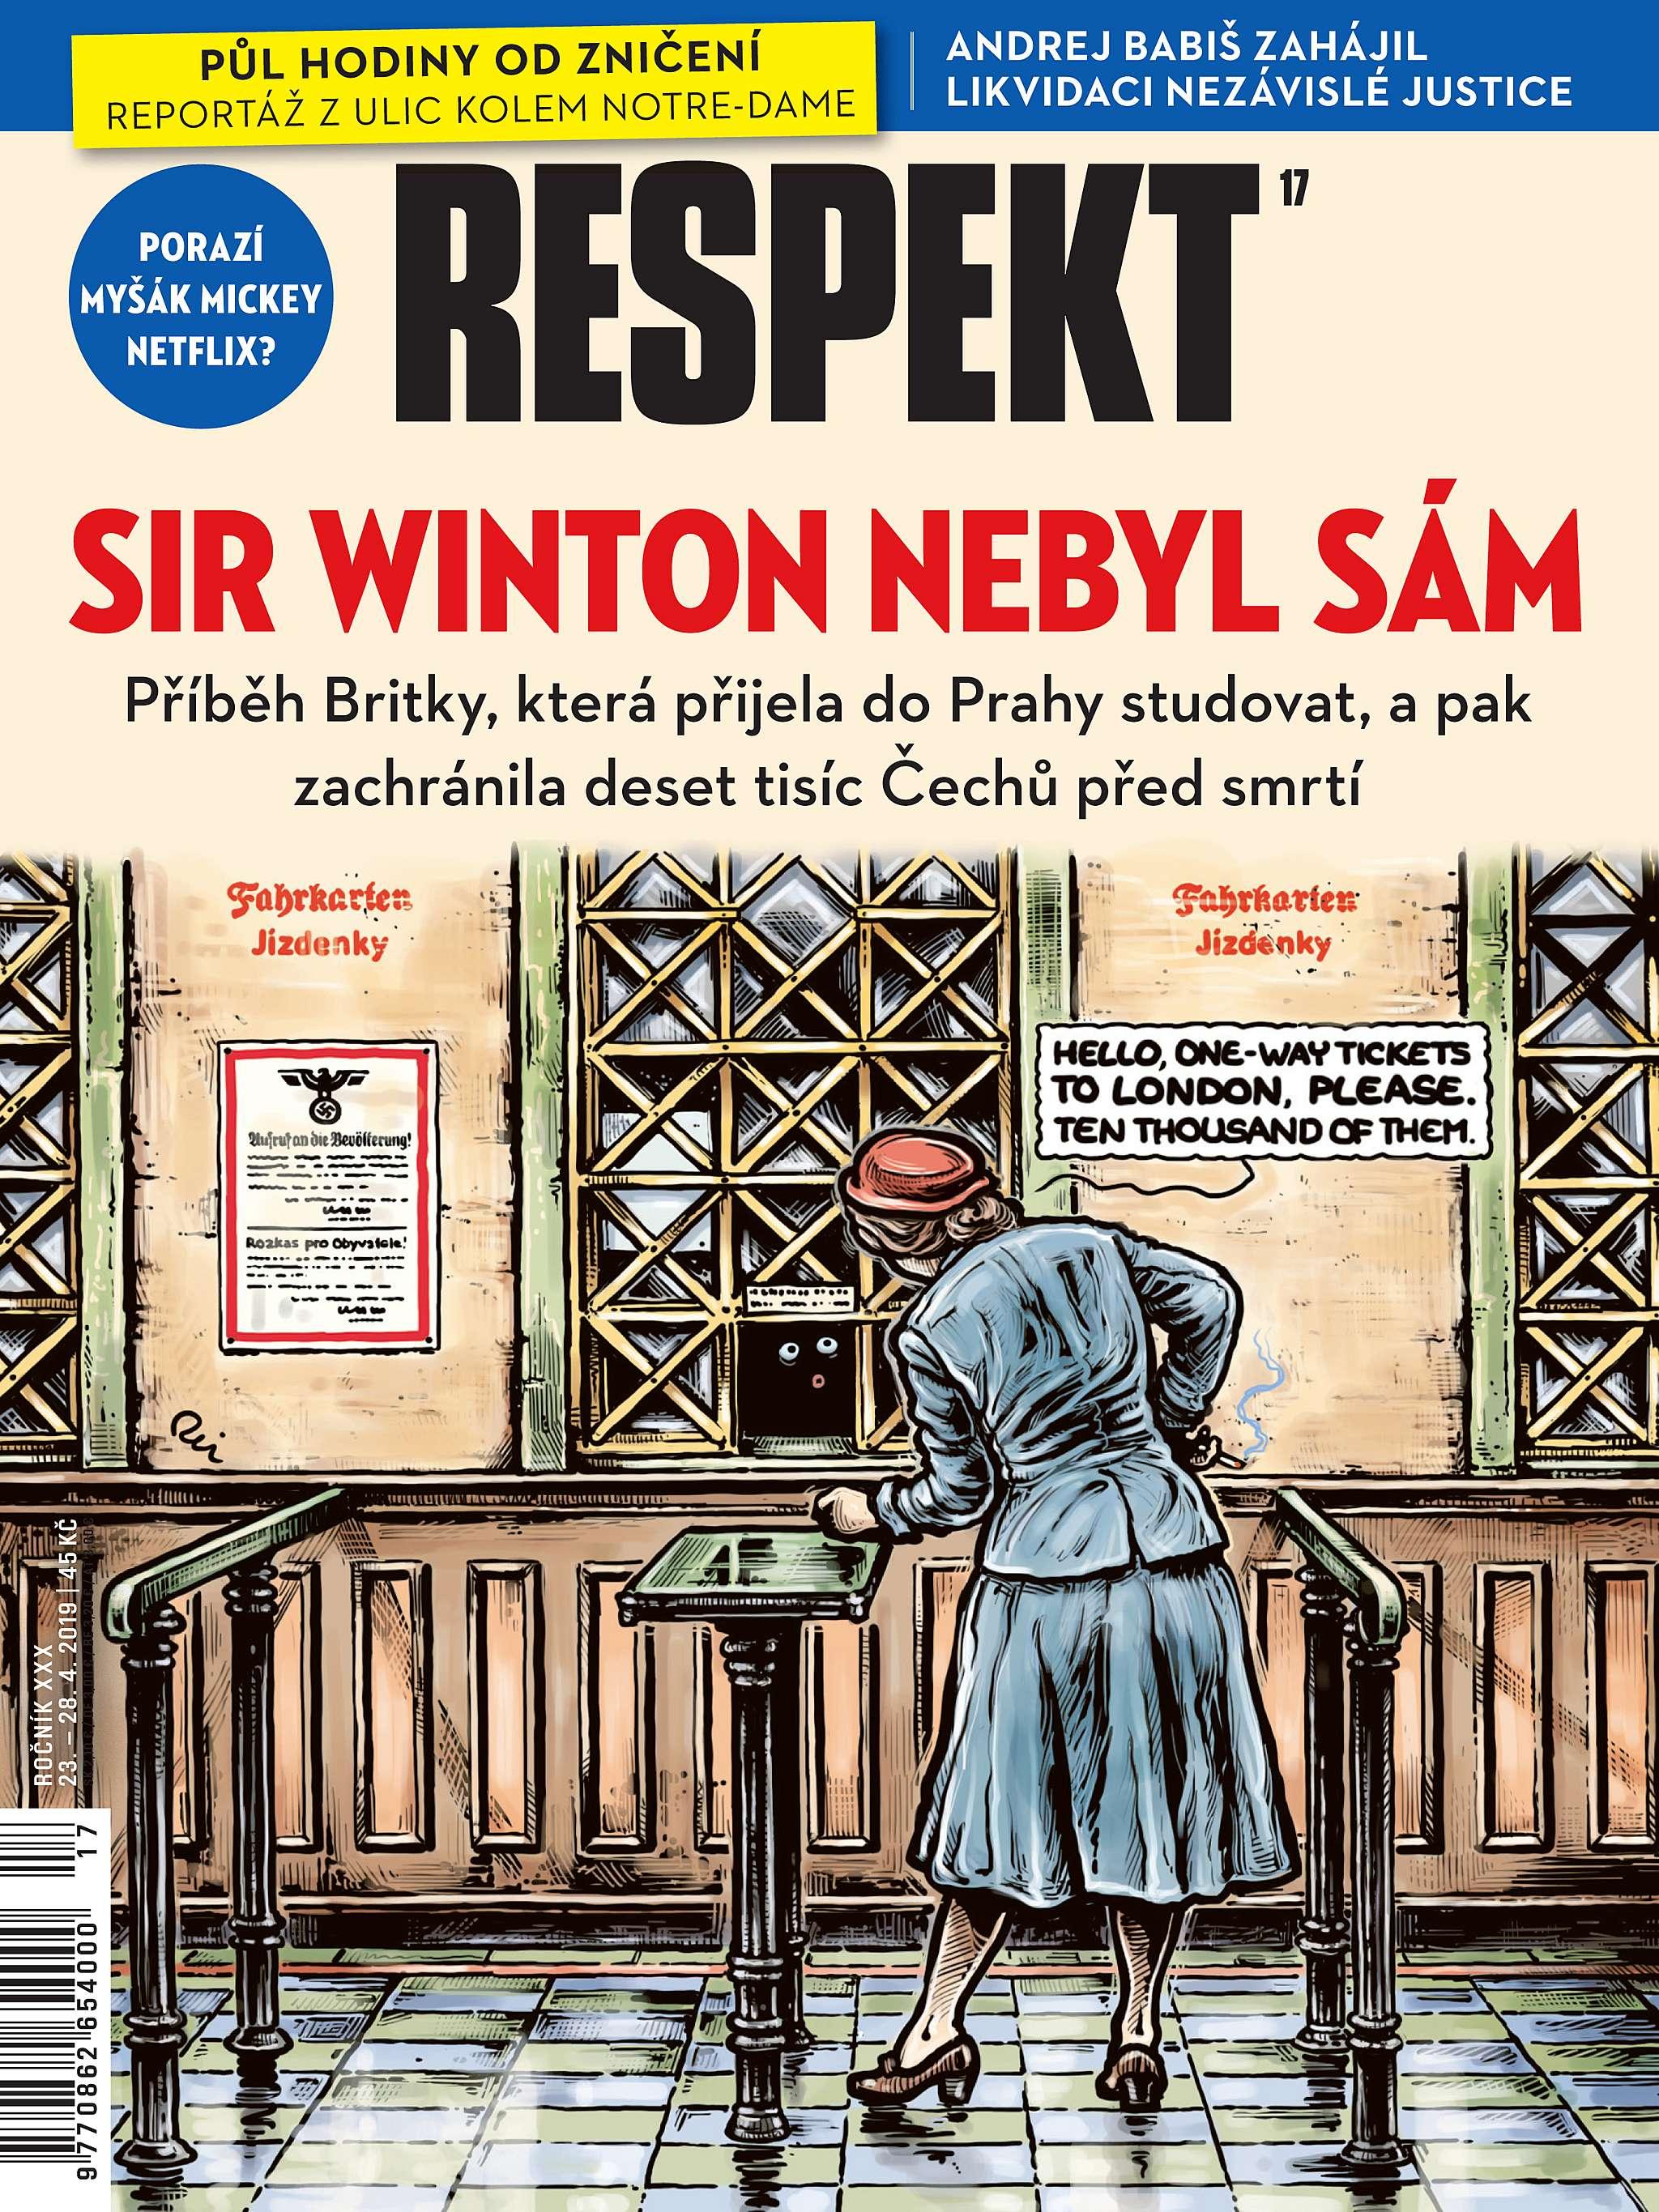 Sir Winton nebyl sám- otématu týdeníku Respekt